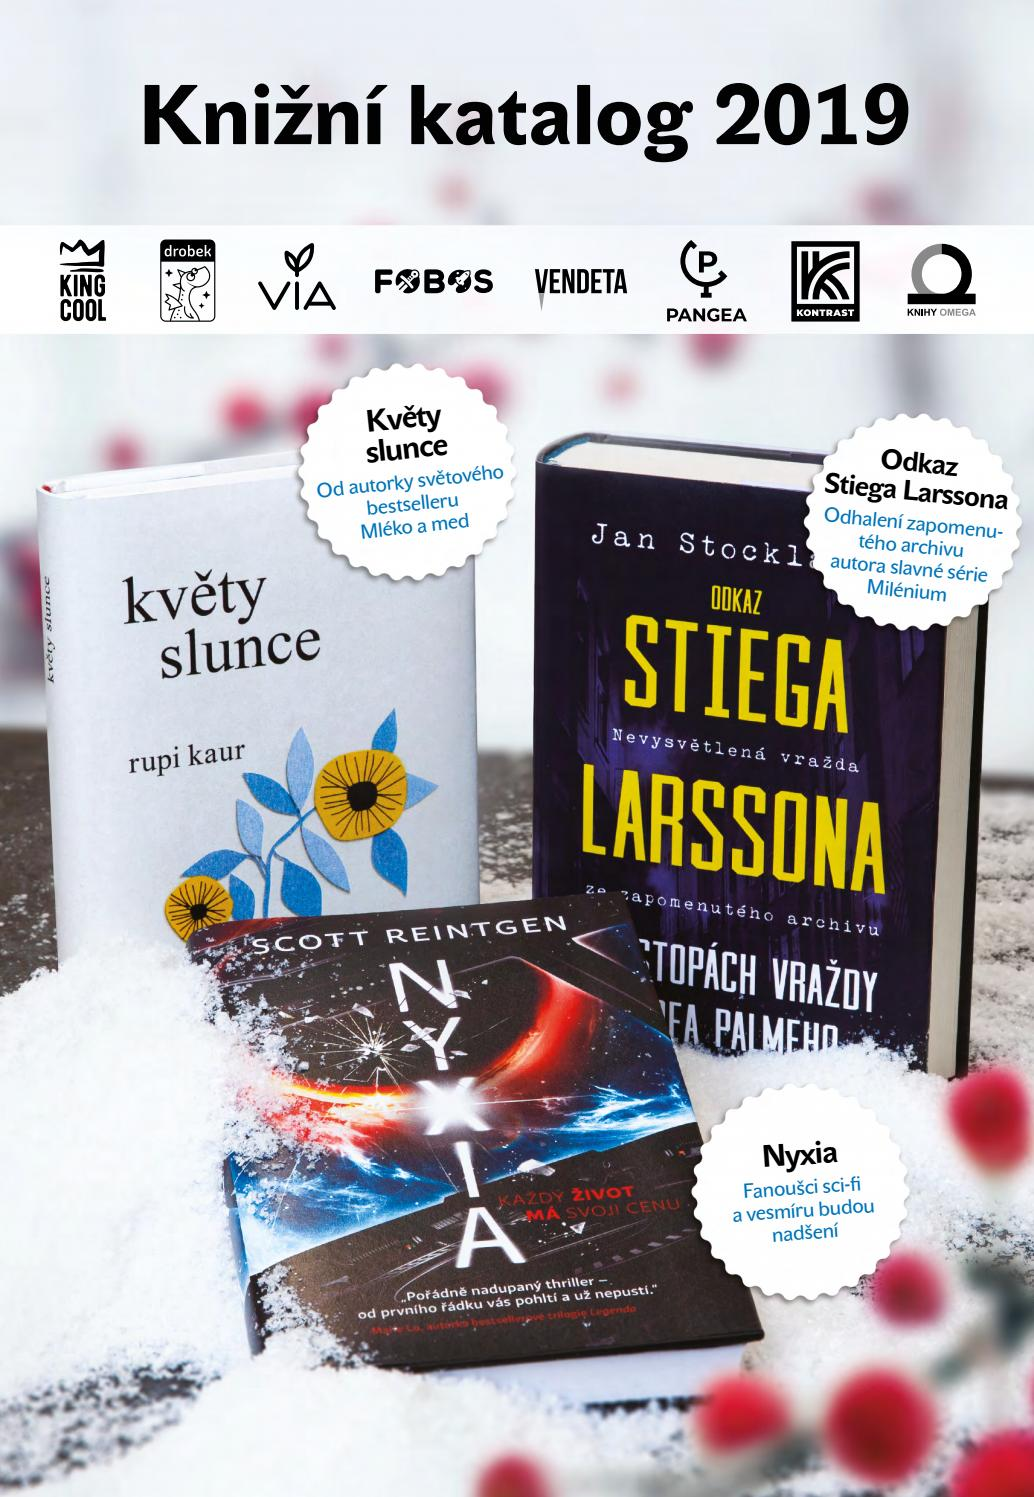 8fbe17f5f8e3 Knižní katalog 2019 (leden - duben) by Knihy Dobrovský - issuu